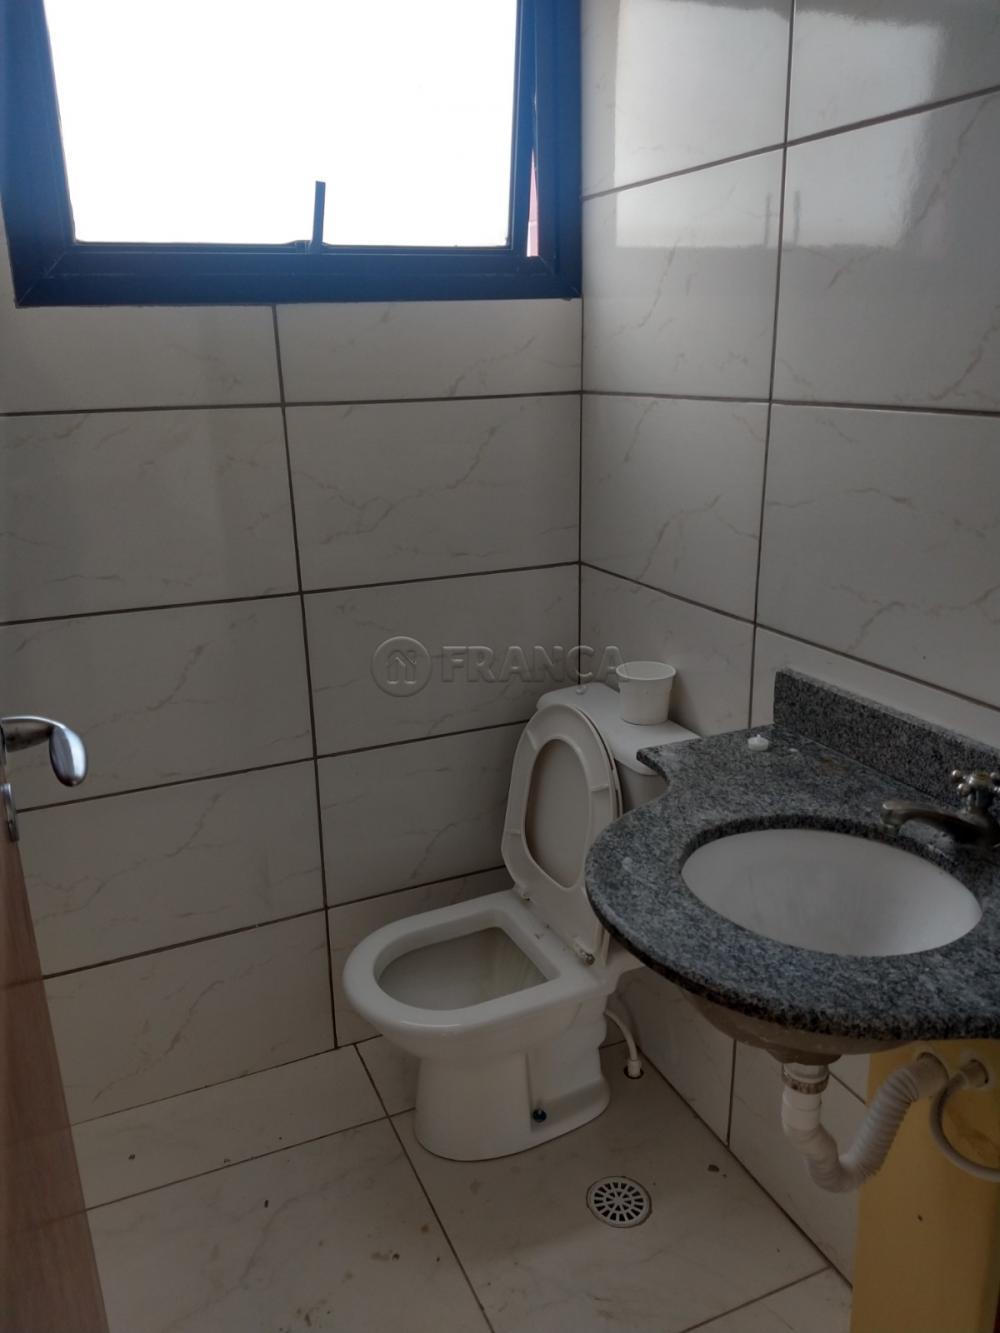 Alugar Comercial / Sala em Condomínio em São José dos Campos R$ 1.100,00 - Foto 5